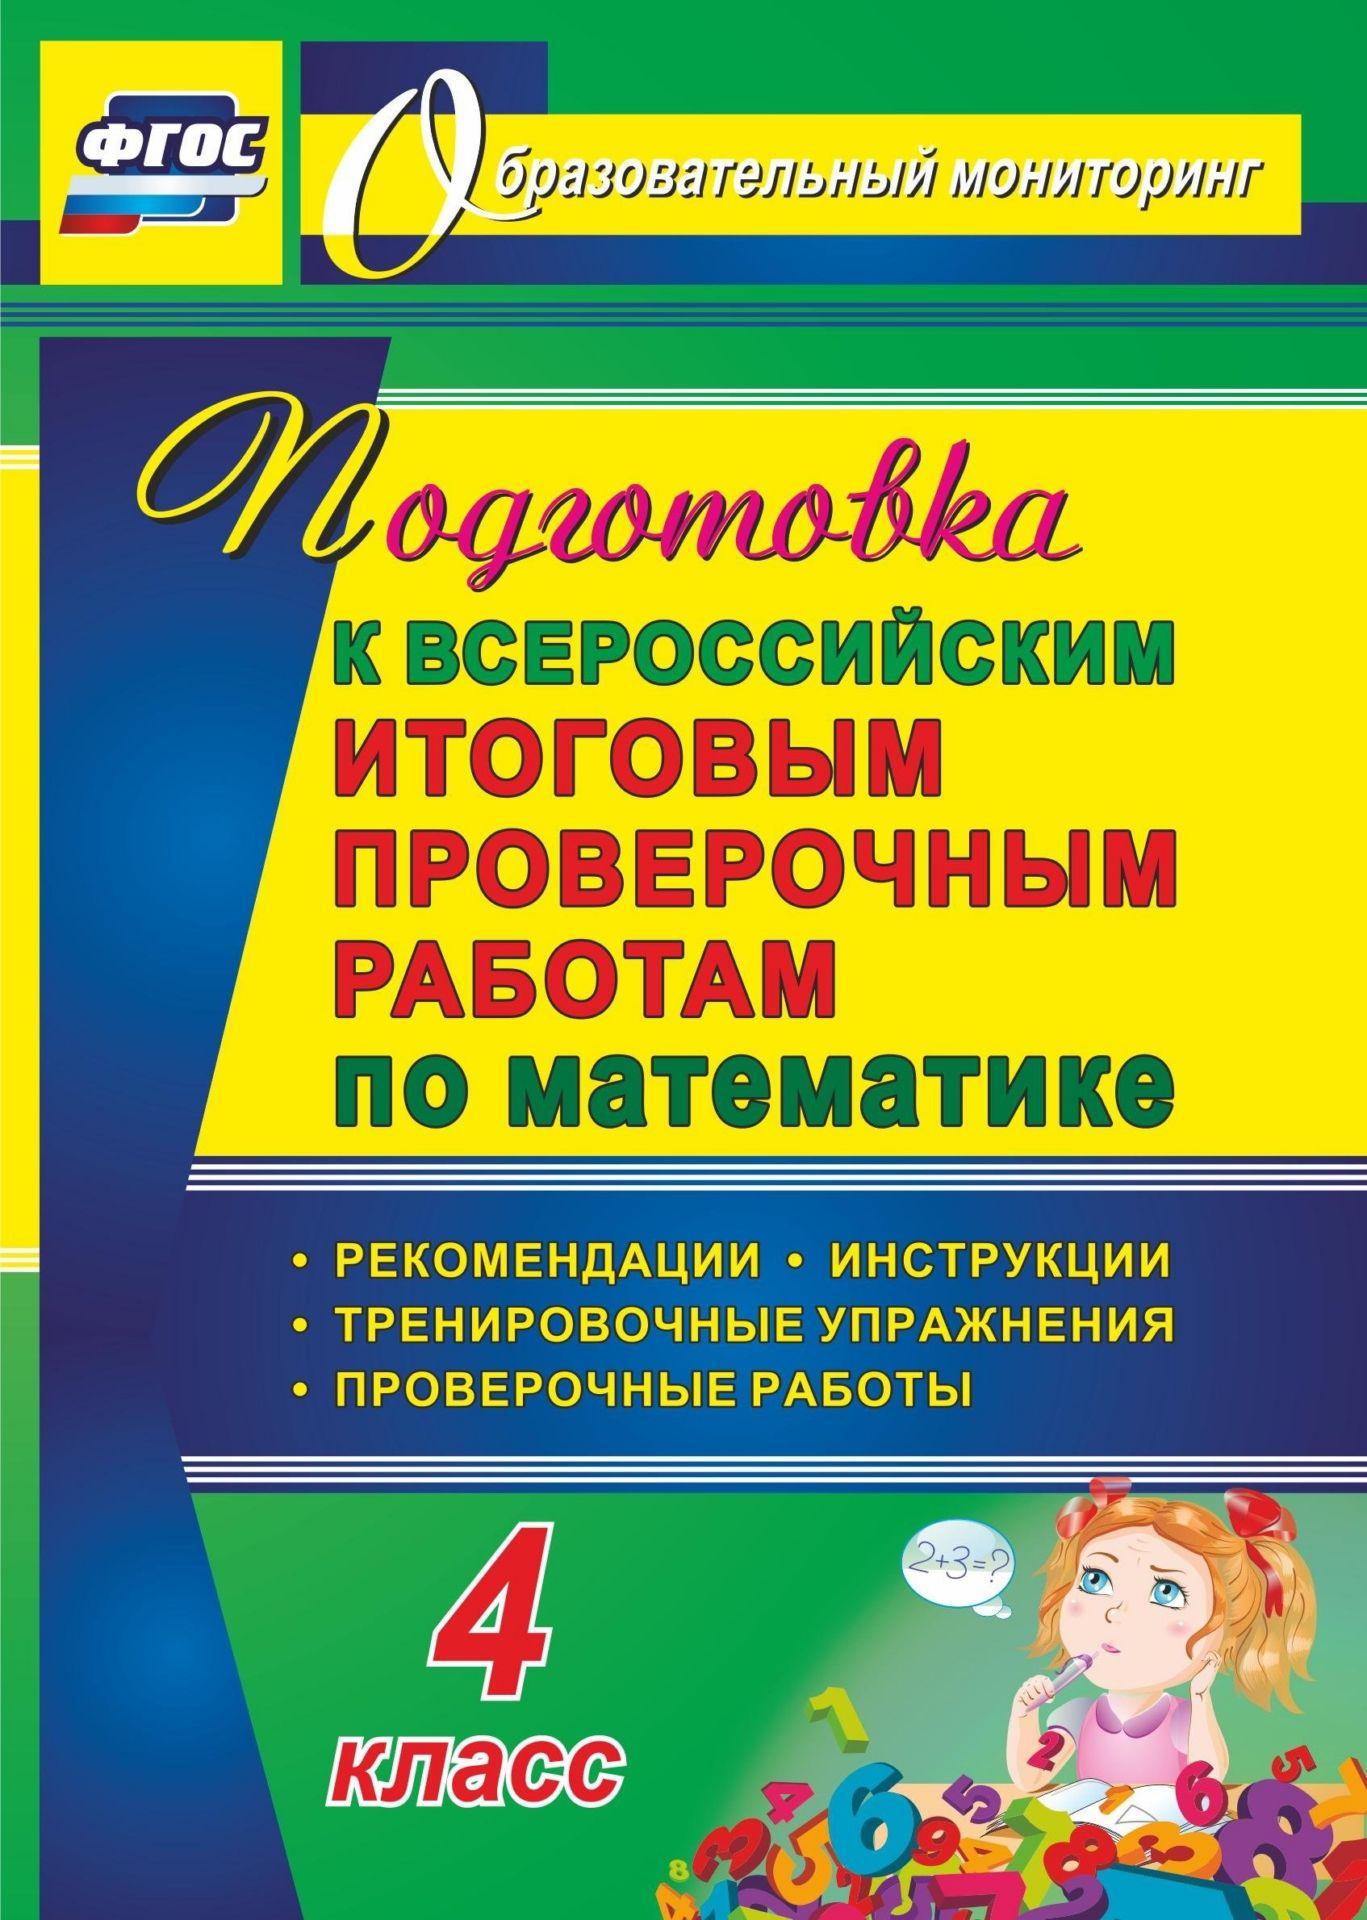 Подготовка к Всероссийским итоговым проверочным работам по математике. 4 класс: рекомендации, проверочные работы, тренировочные упражнения, инструкции